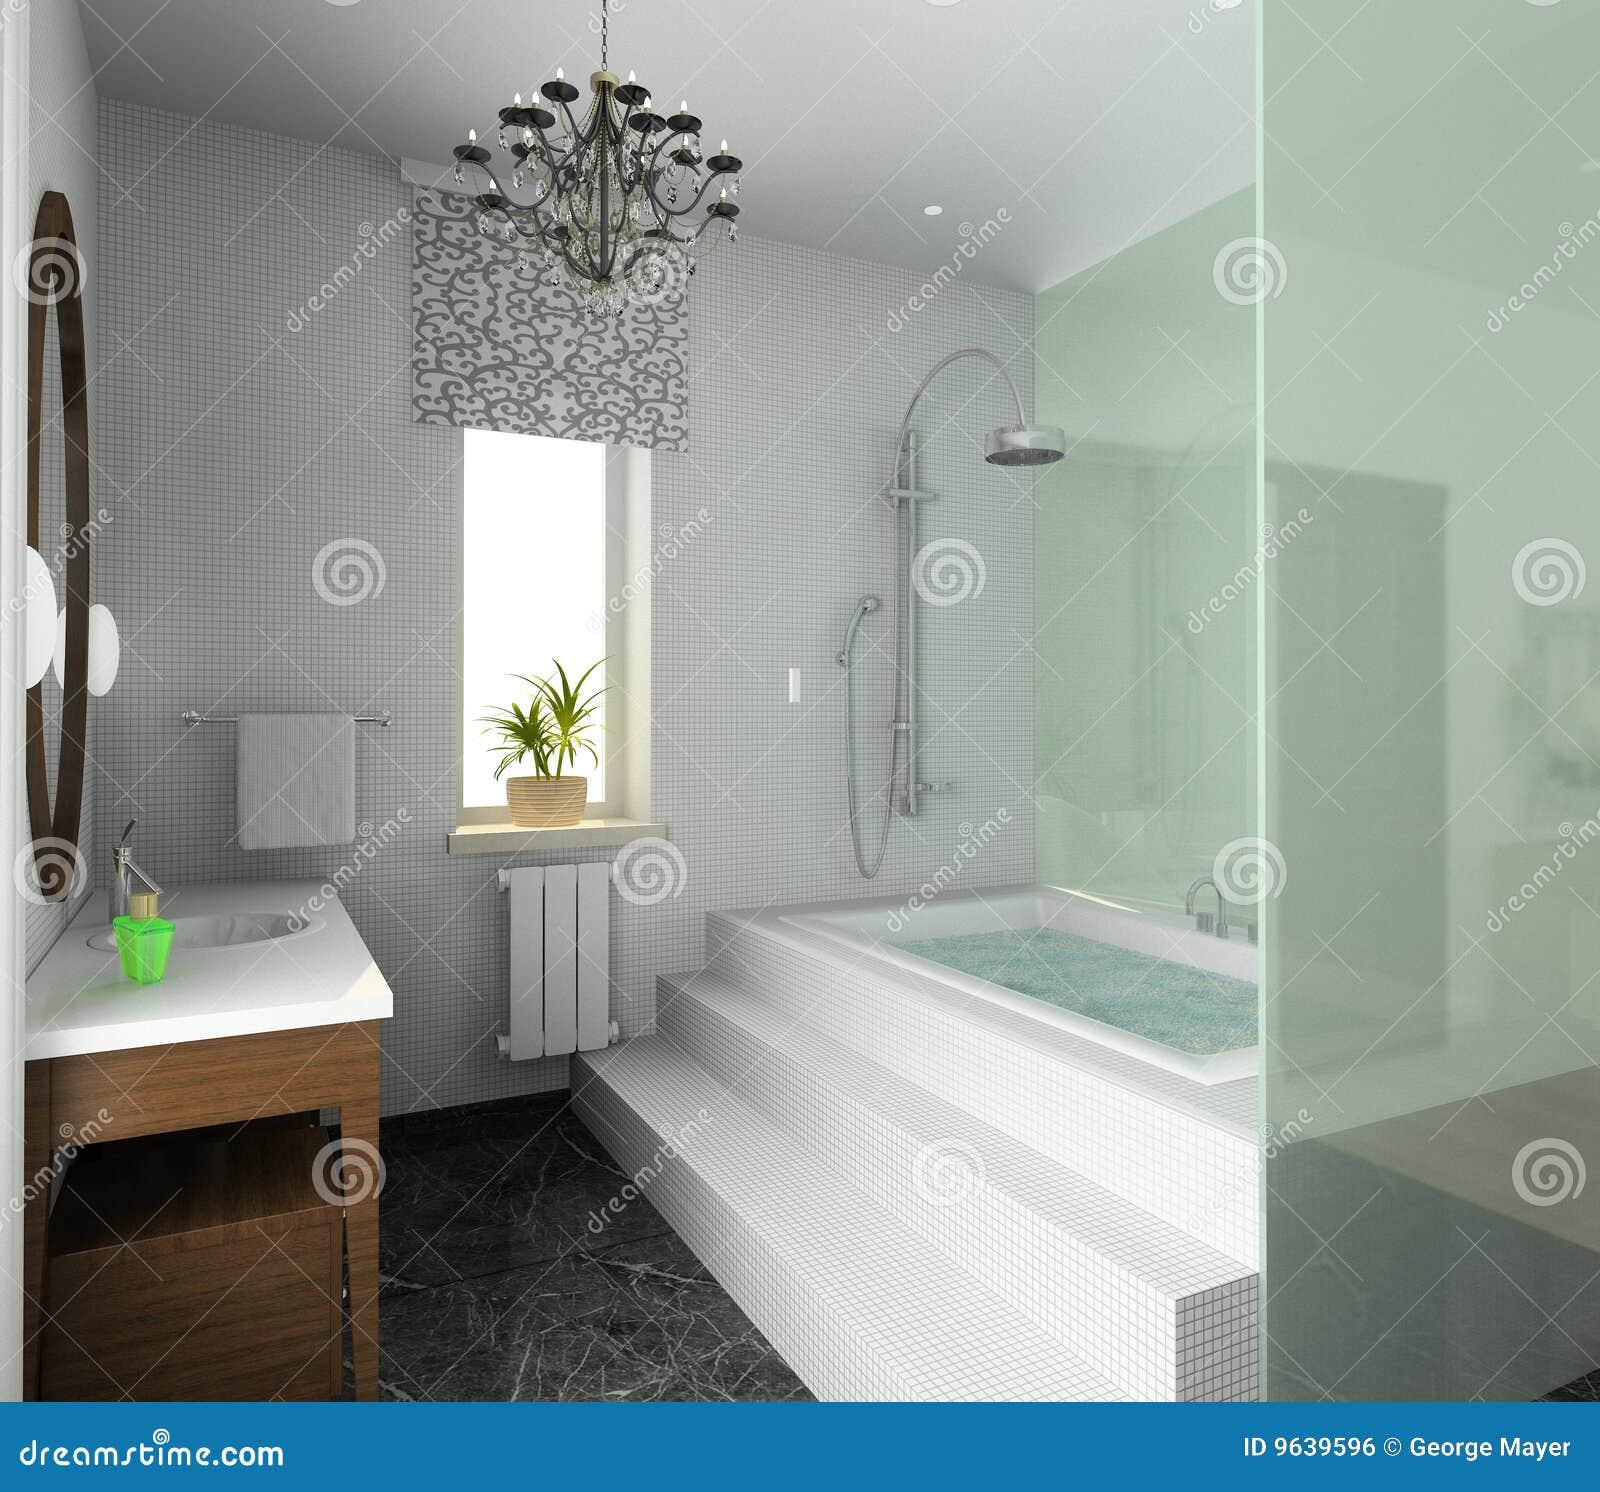 Stanza da bagno disegno moderno dell 39 interiore immagine - Stanze da bagno moderne ...